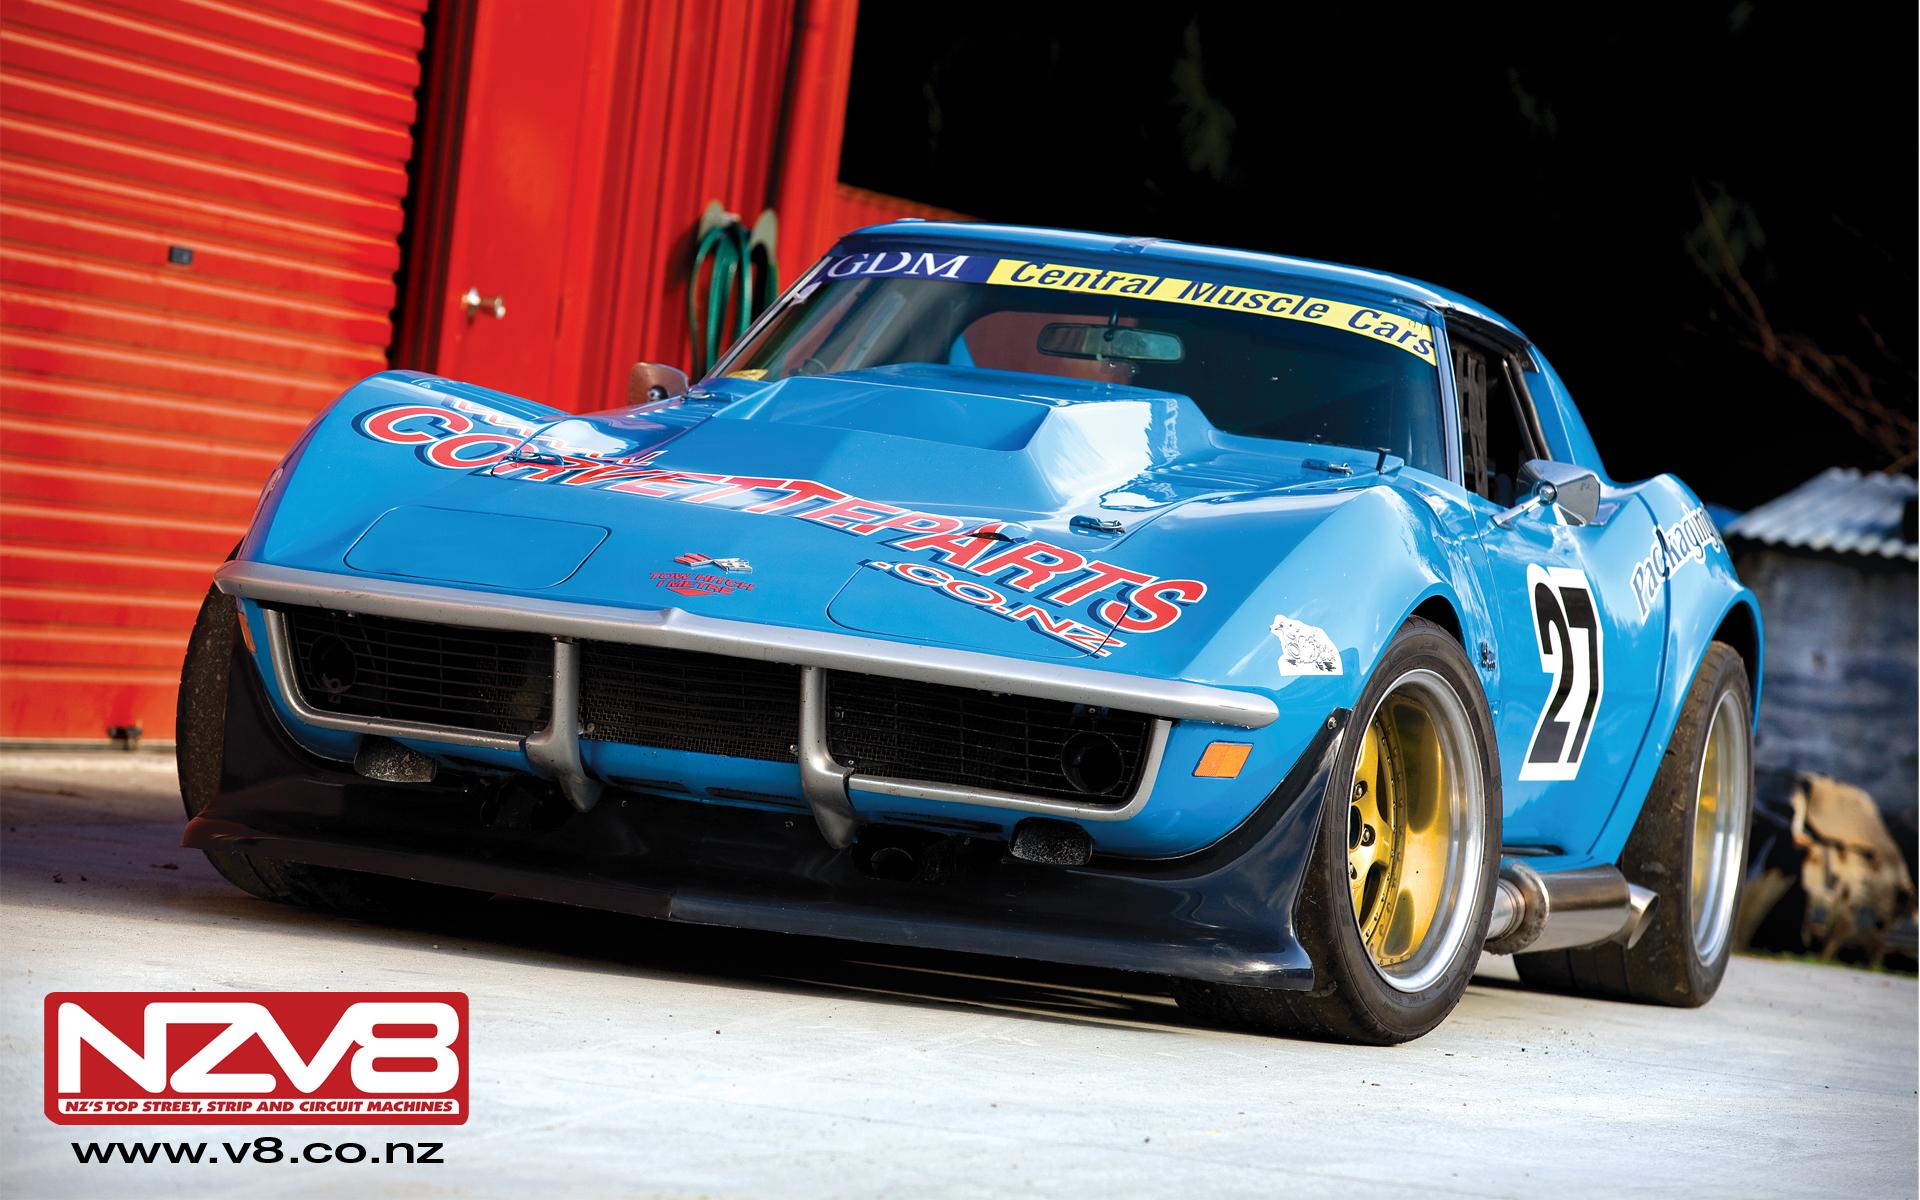 Wallpaper-Corvette-widescreen1-1-